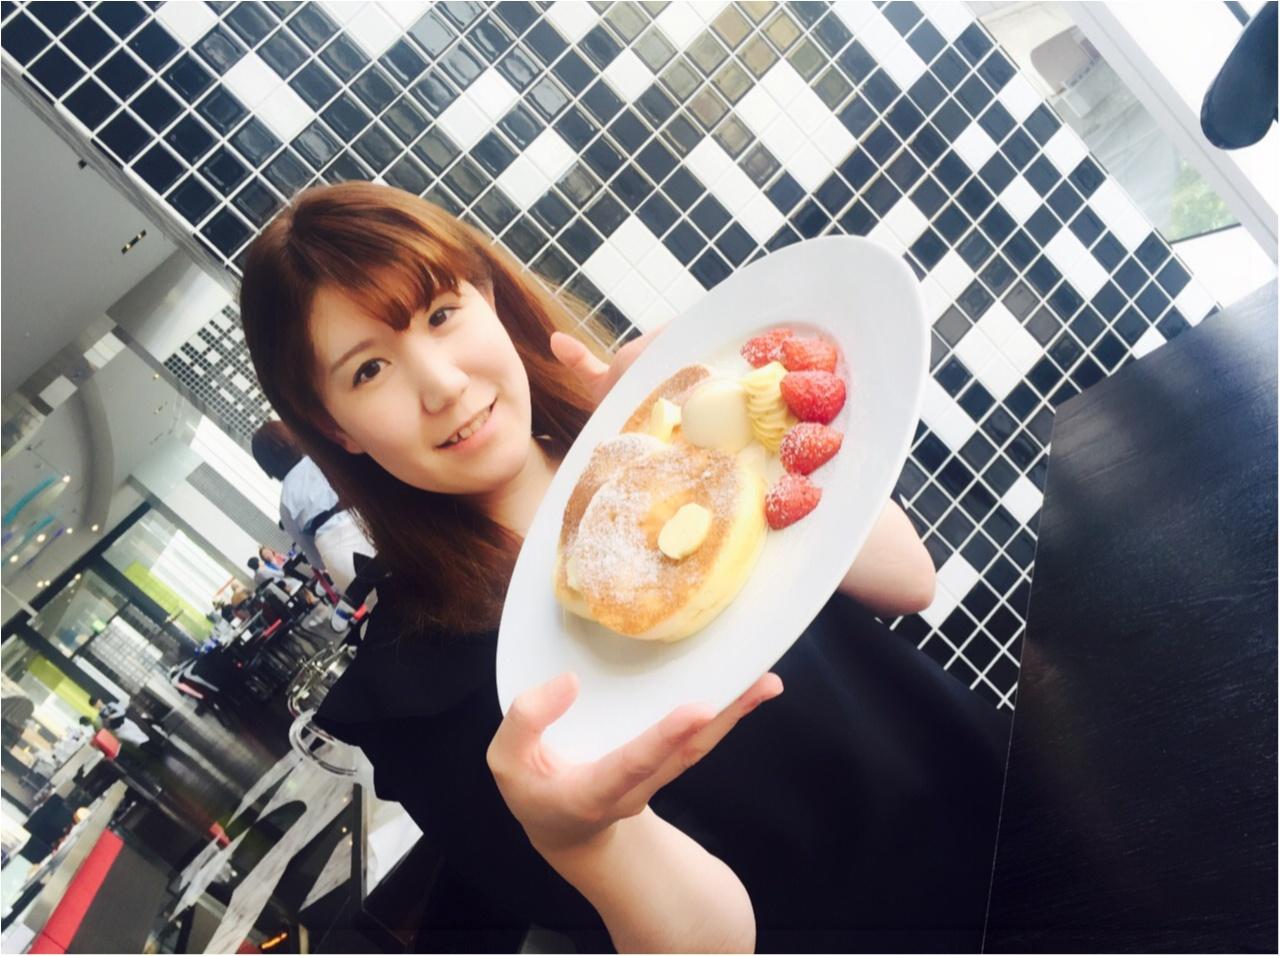 【季節限定いちご添え!】ニューオータニオリジナルパンケーキは食べなきゃ損!です♡_7